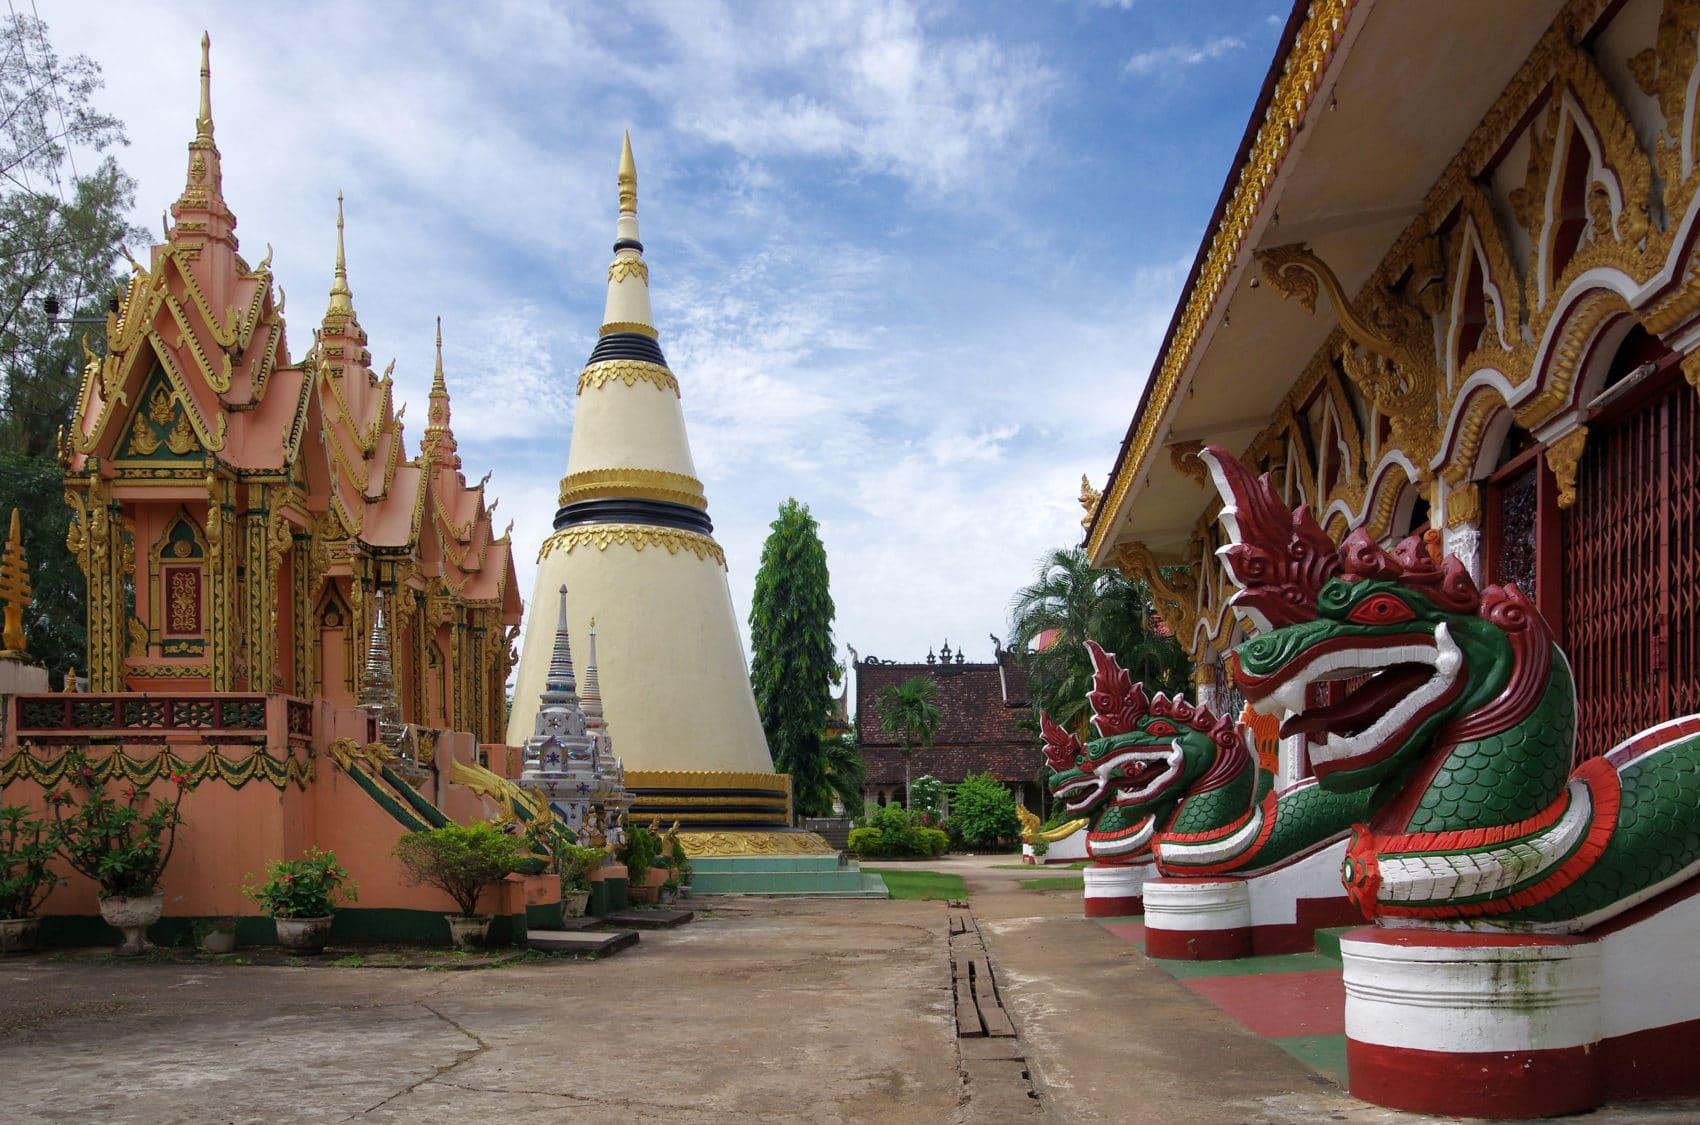 Paksé au Laos (1/2) : trajet depuis les 4000 îles, visites et bonnes adresses